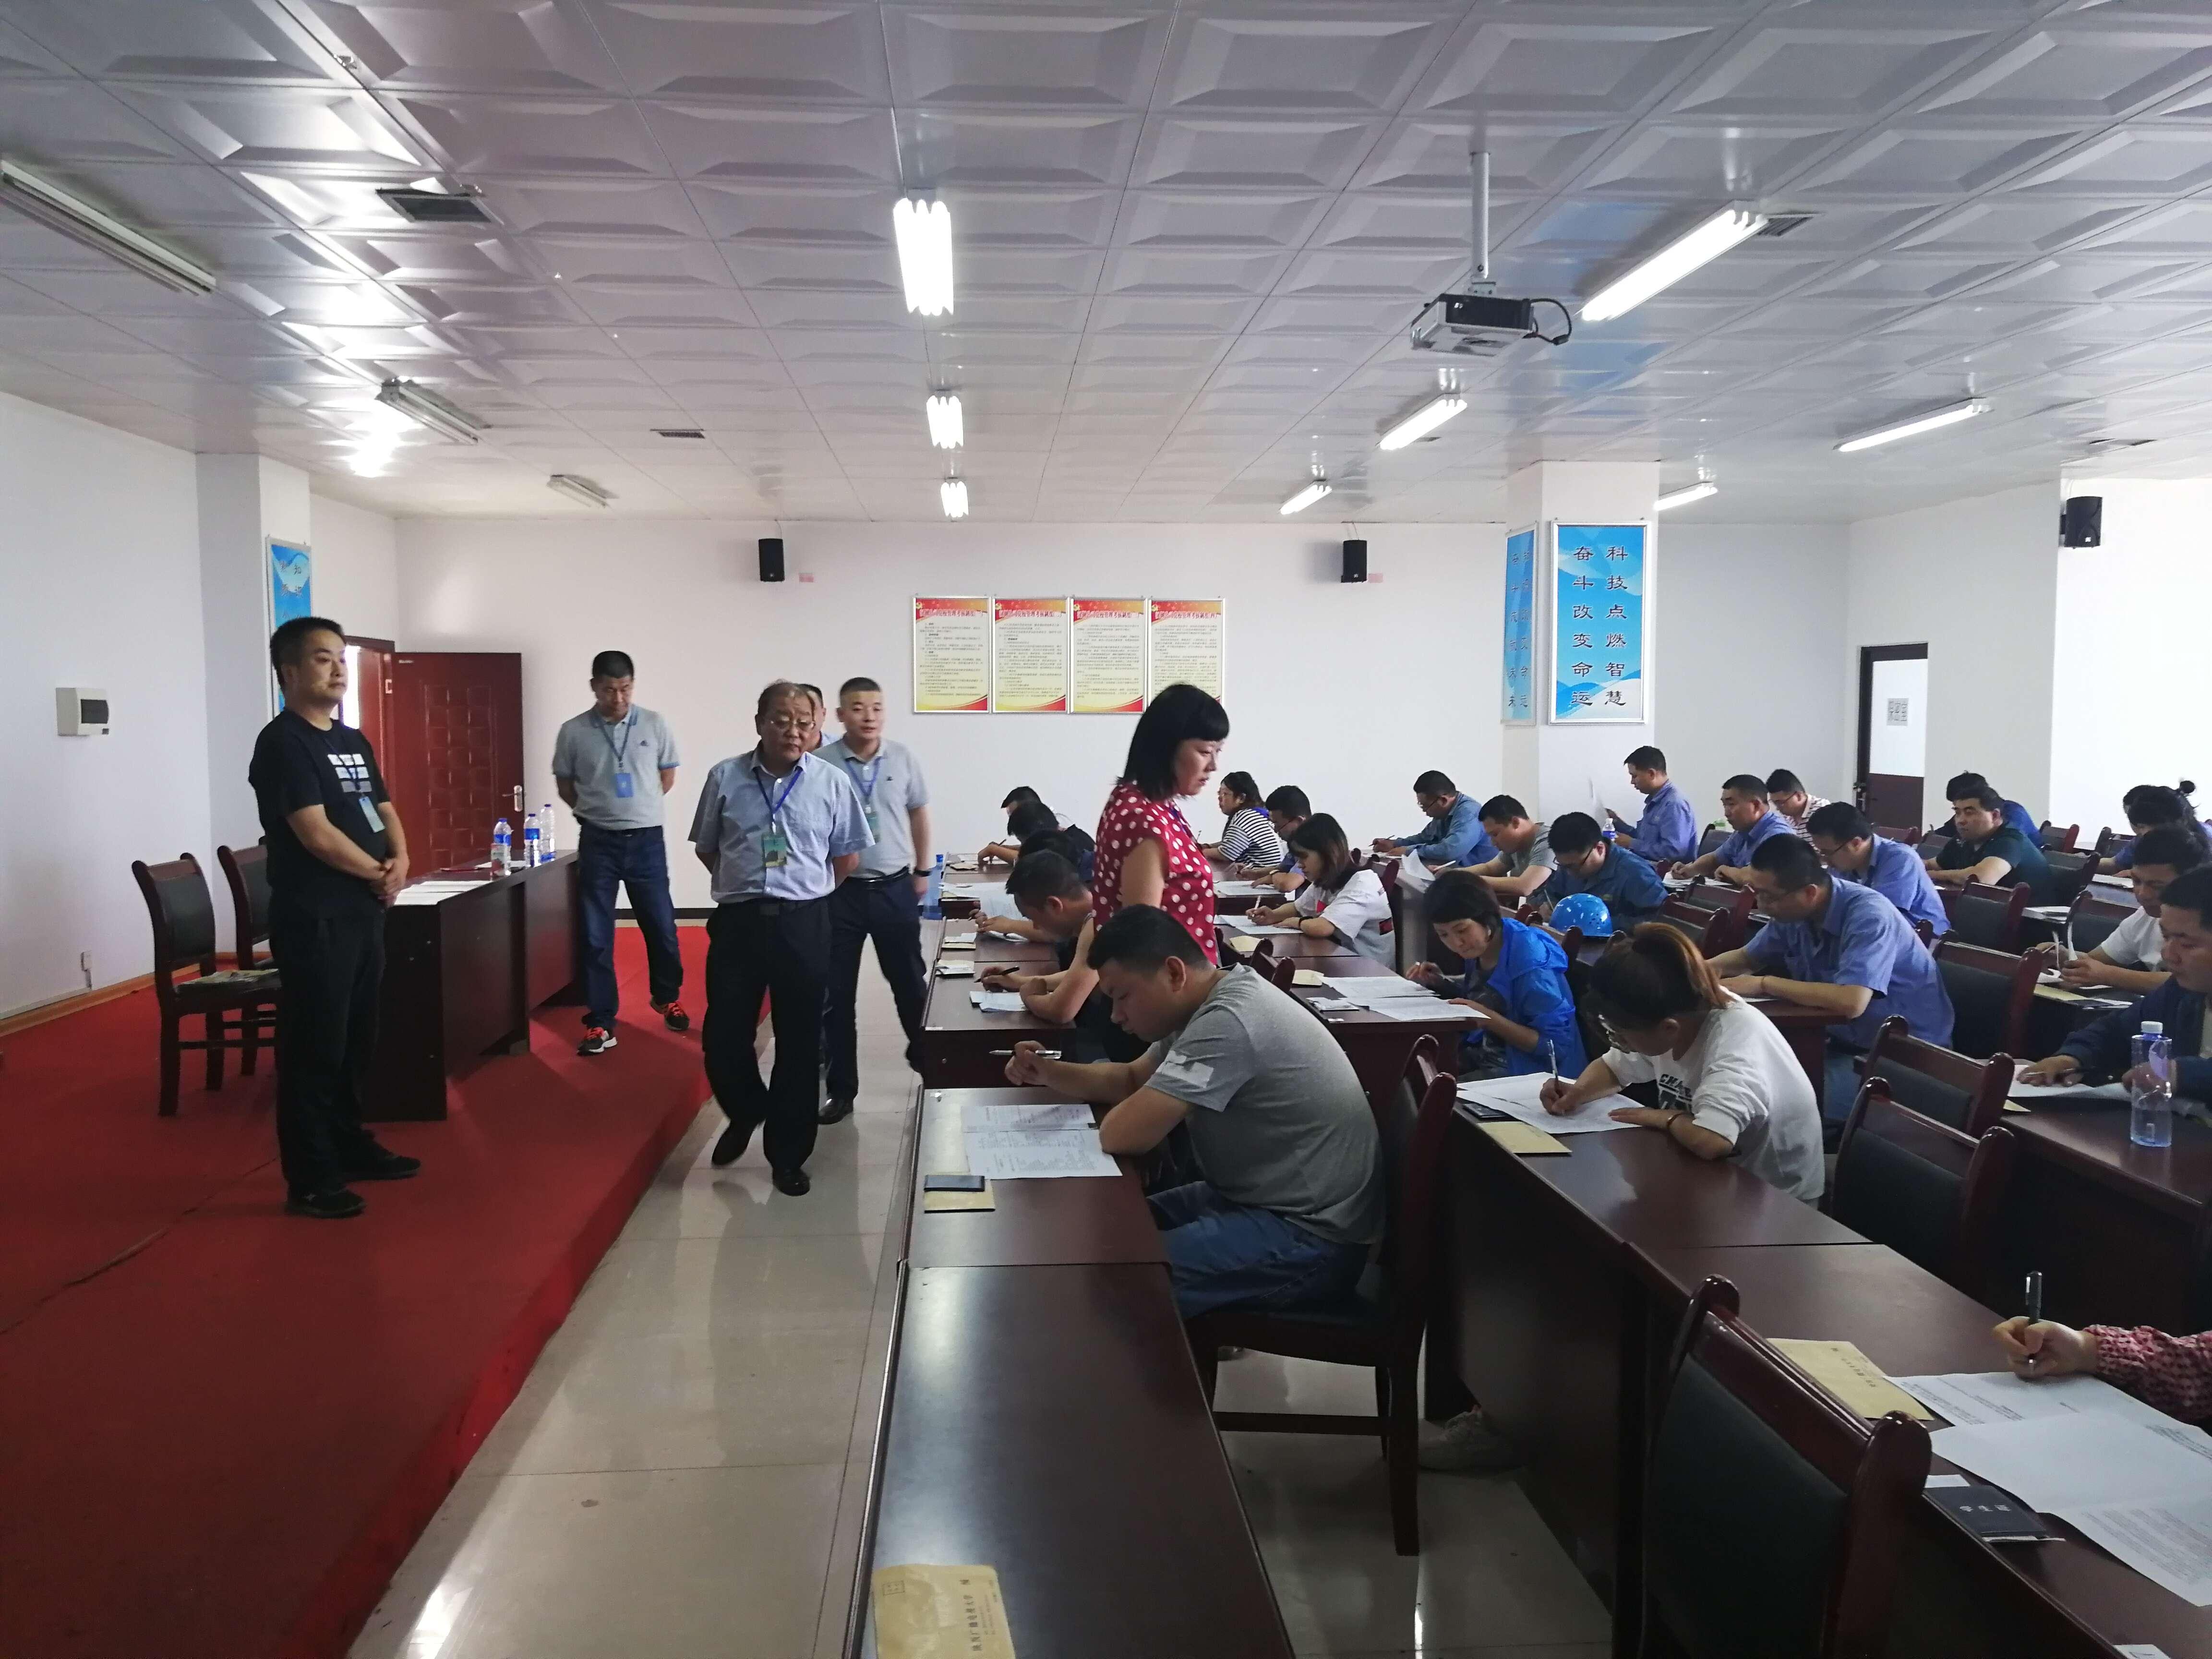 【五支人才】汉钢电大首次开放教育本专科期末考试圆满结束